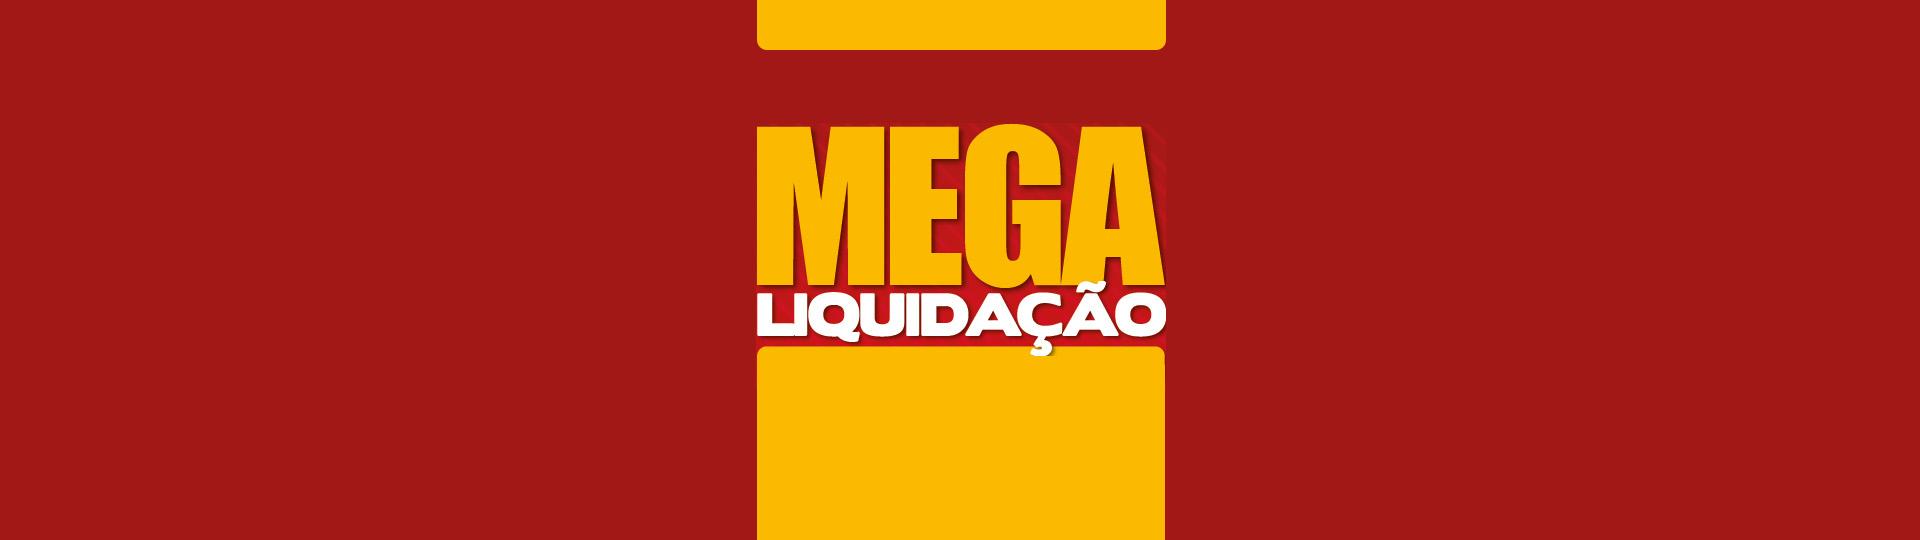 mega liquidaÇÃo  musical ita